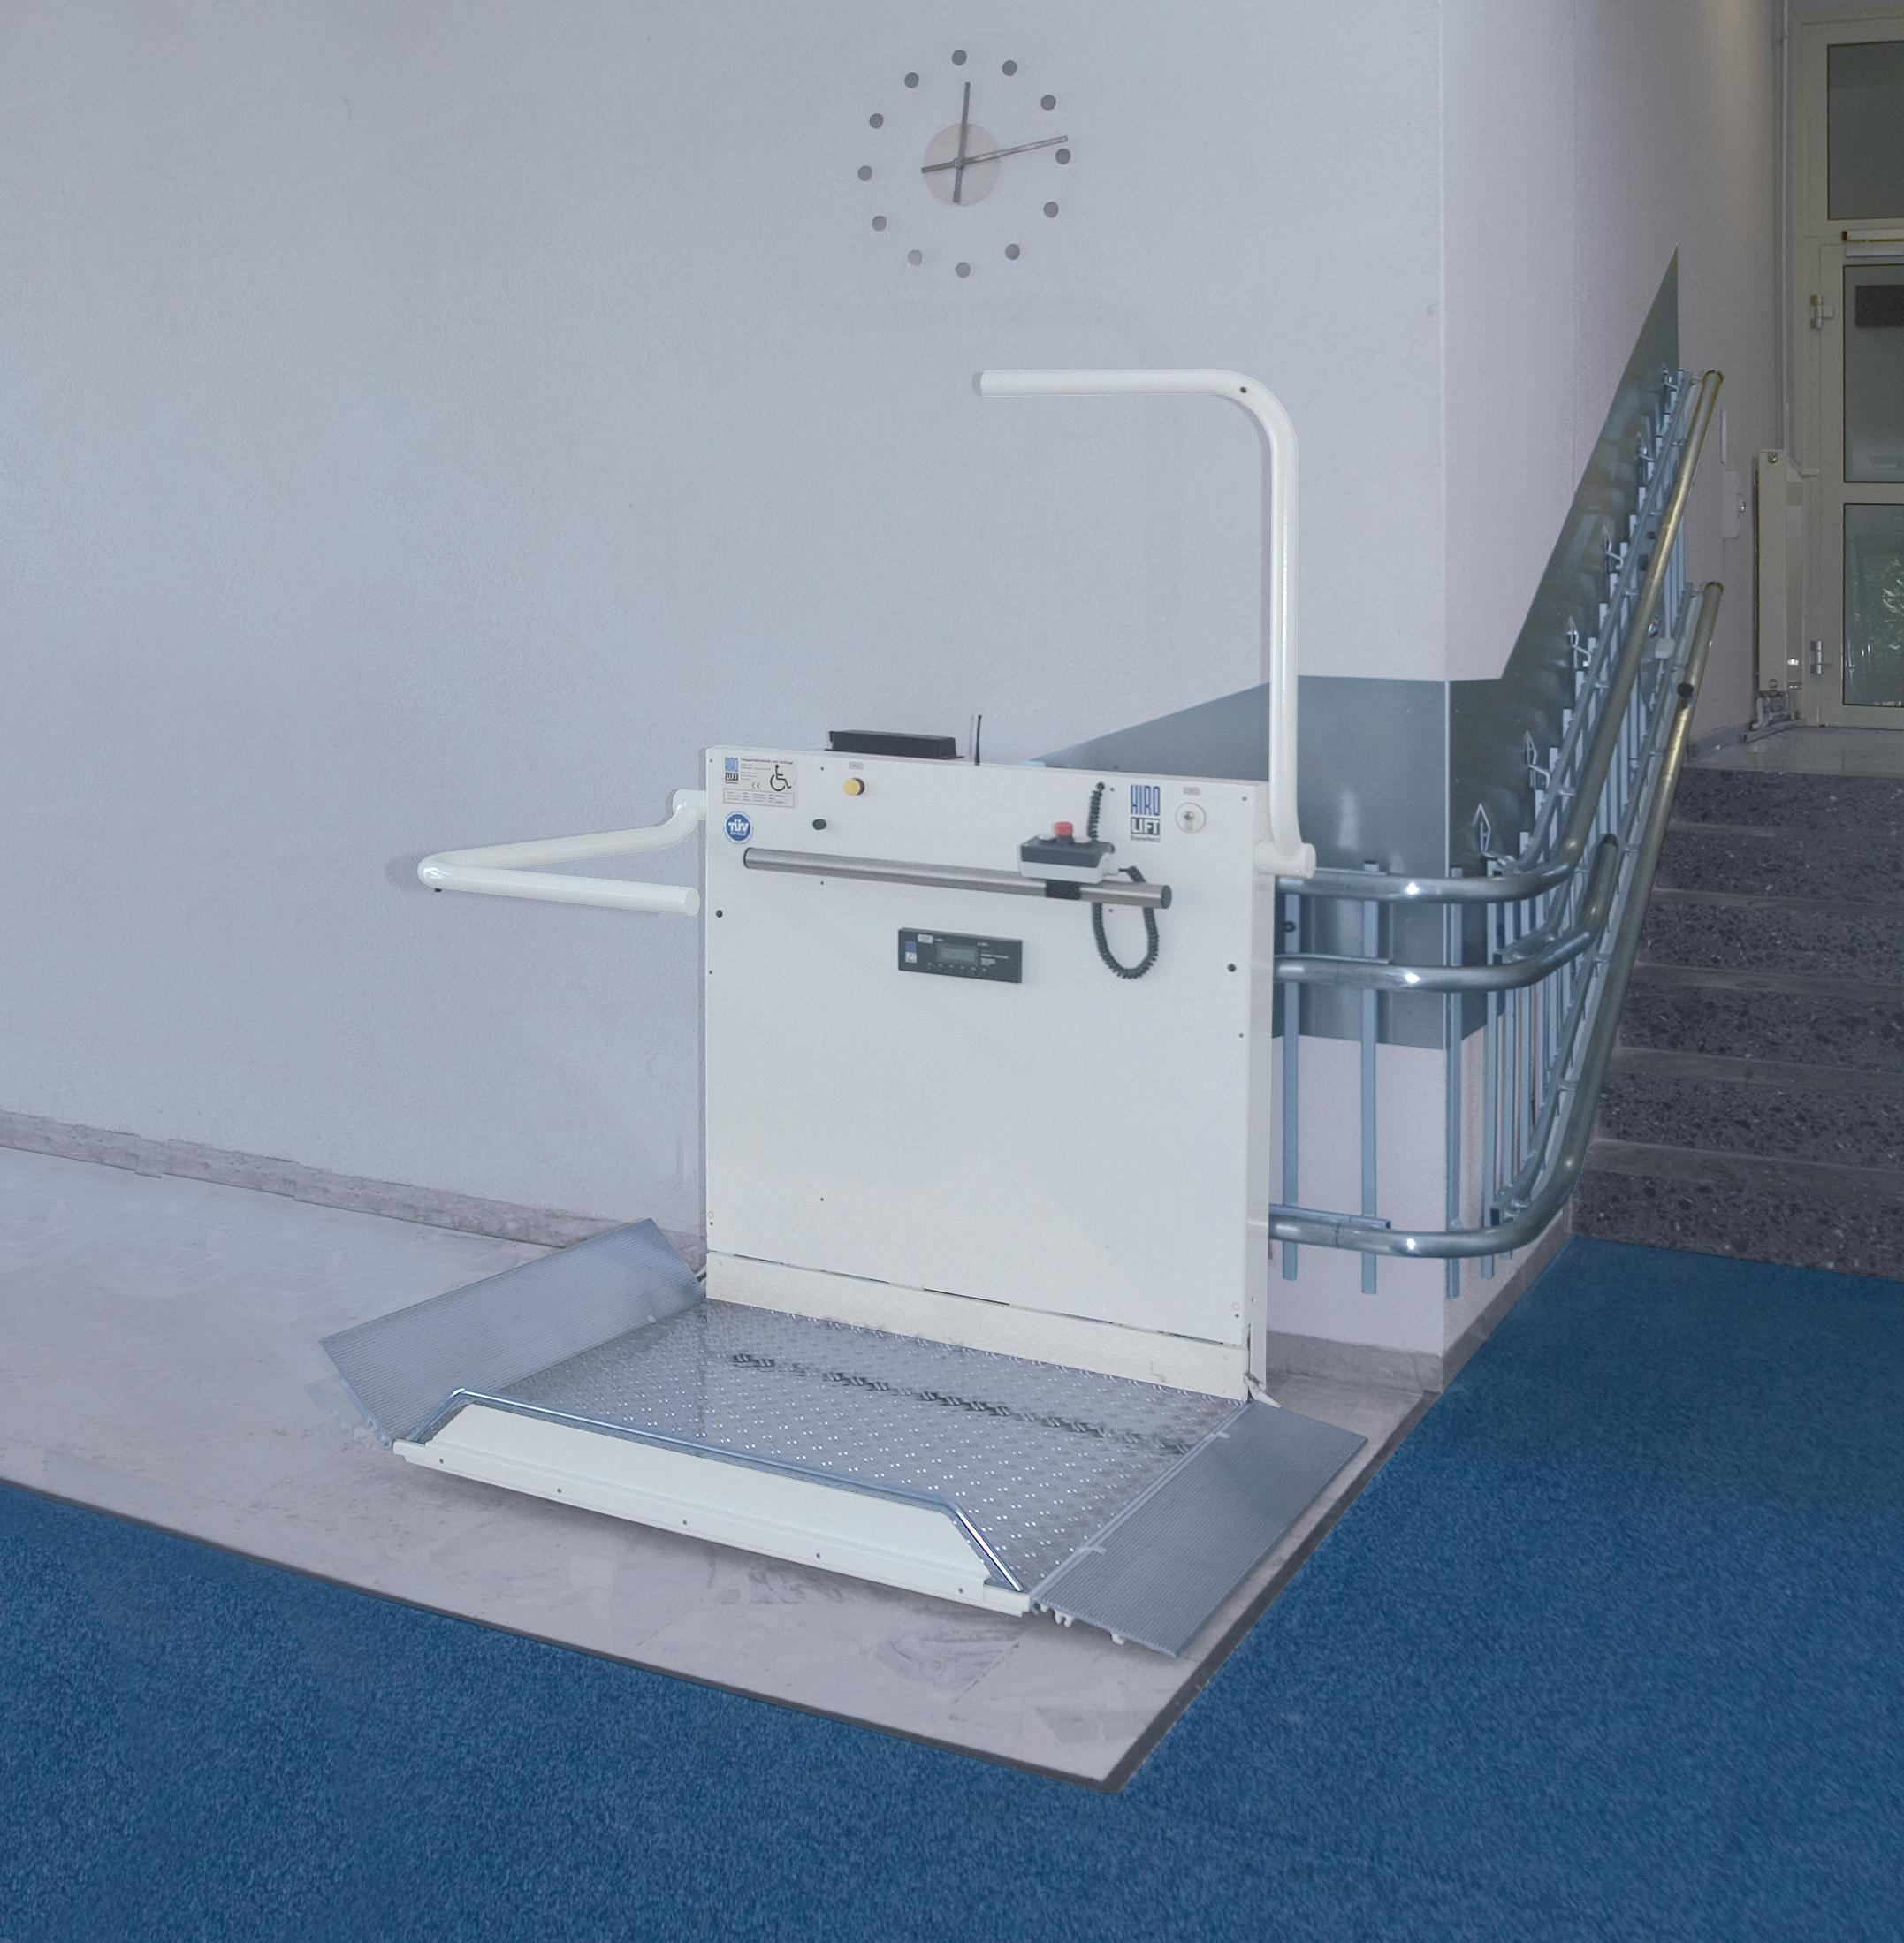 Platforma inclinata pentru persoane cu dizabilitati HIRO 320 - 1 HIRO LIFT - Poza 1